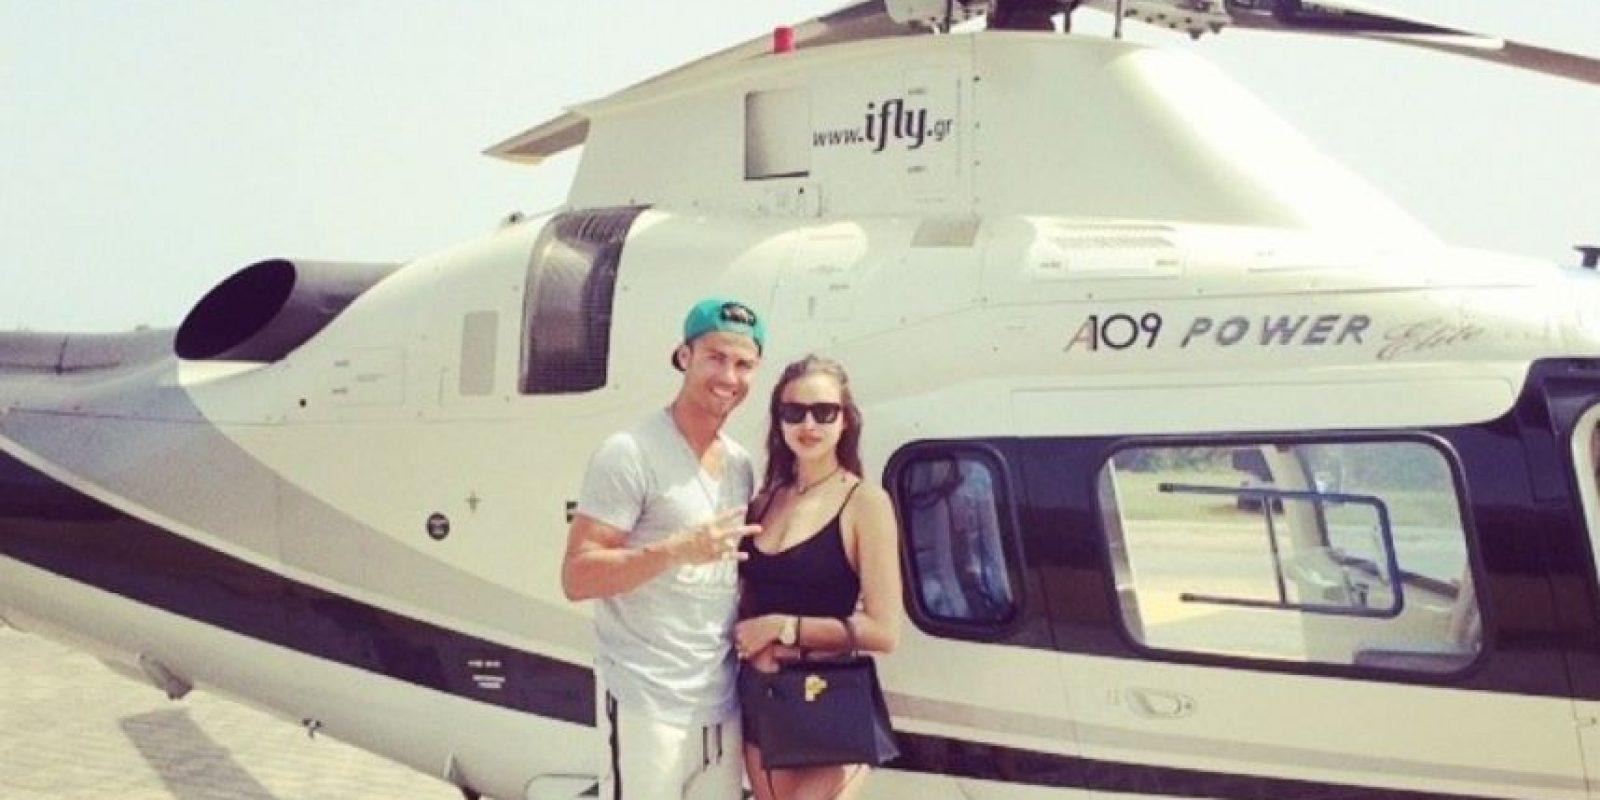 También comparte imágenes, en las que aparece con su novia Irina Shayk Foto:Instagram: @cristiano